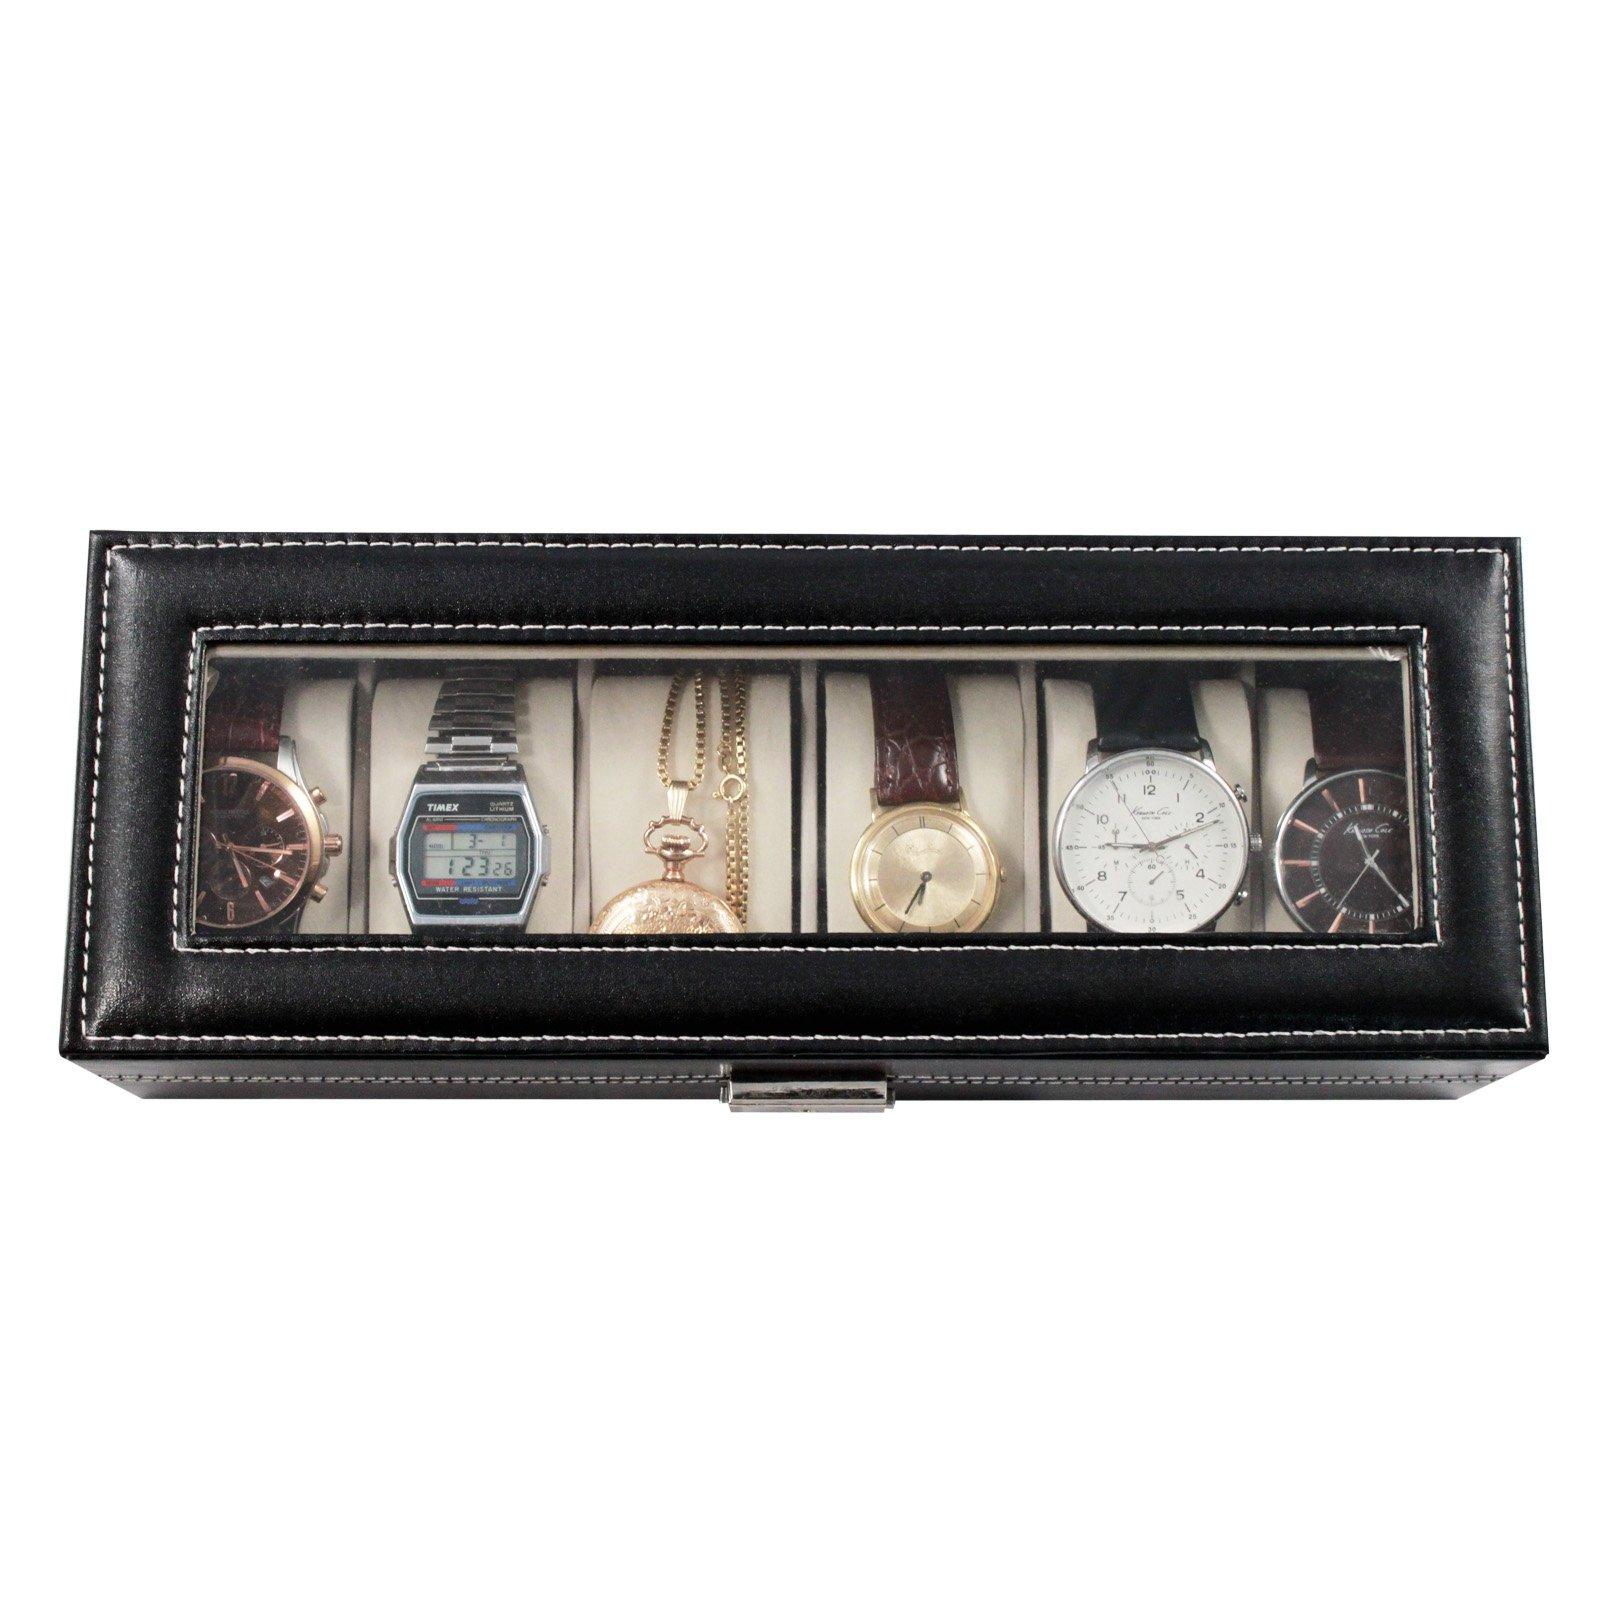 Home Essentials Deluxe 6 Watch Glass Top Locking Storage Case